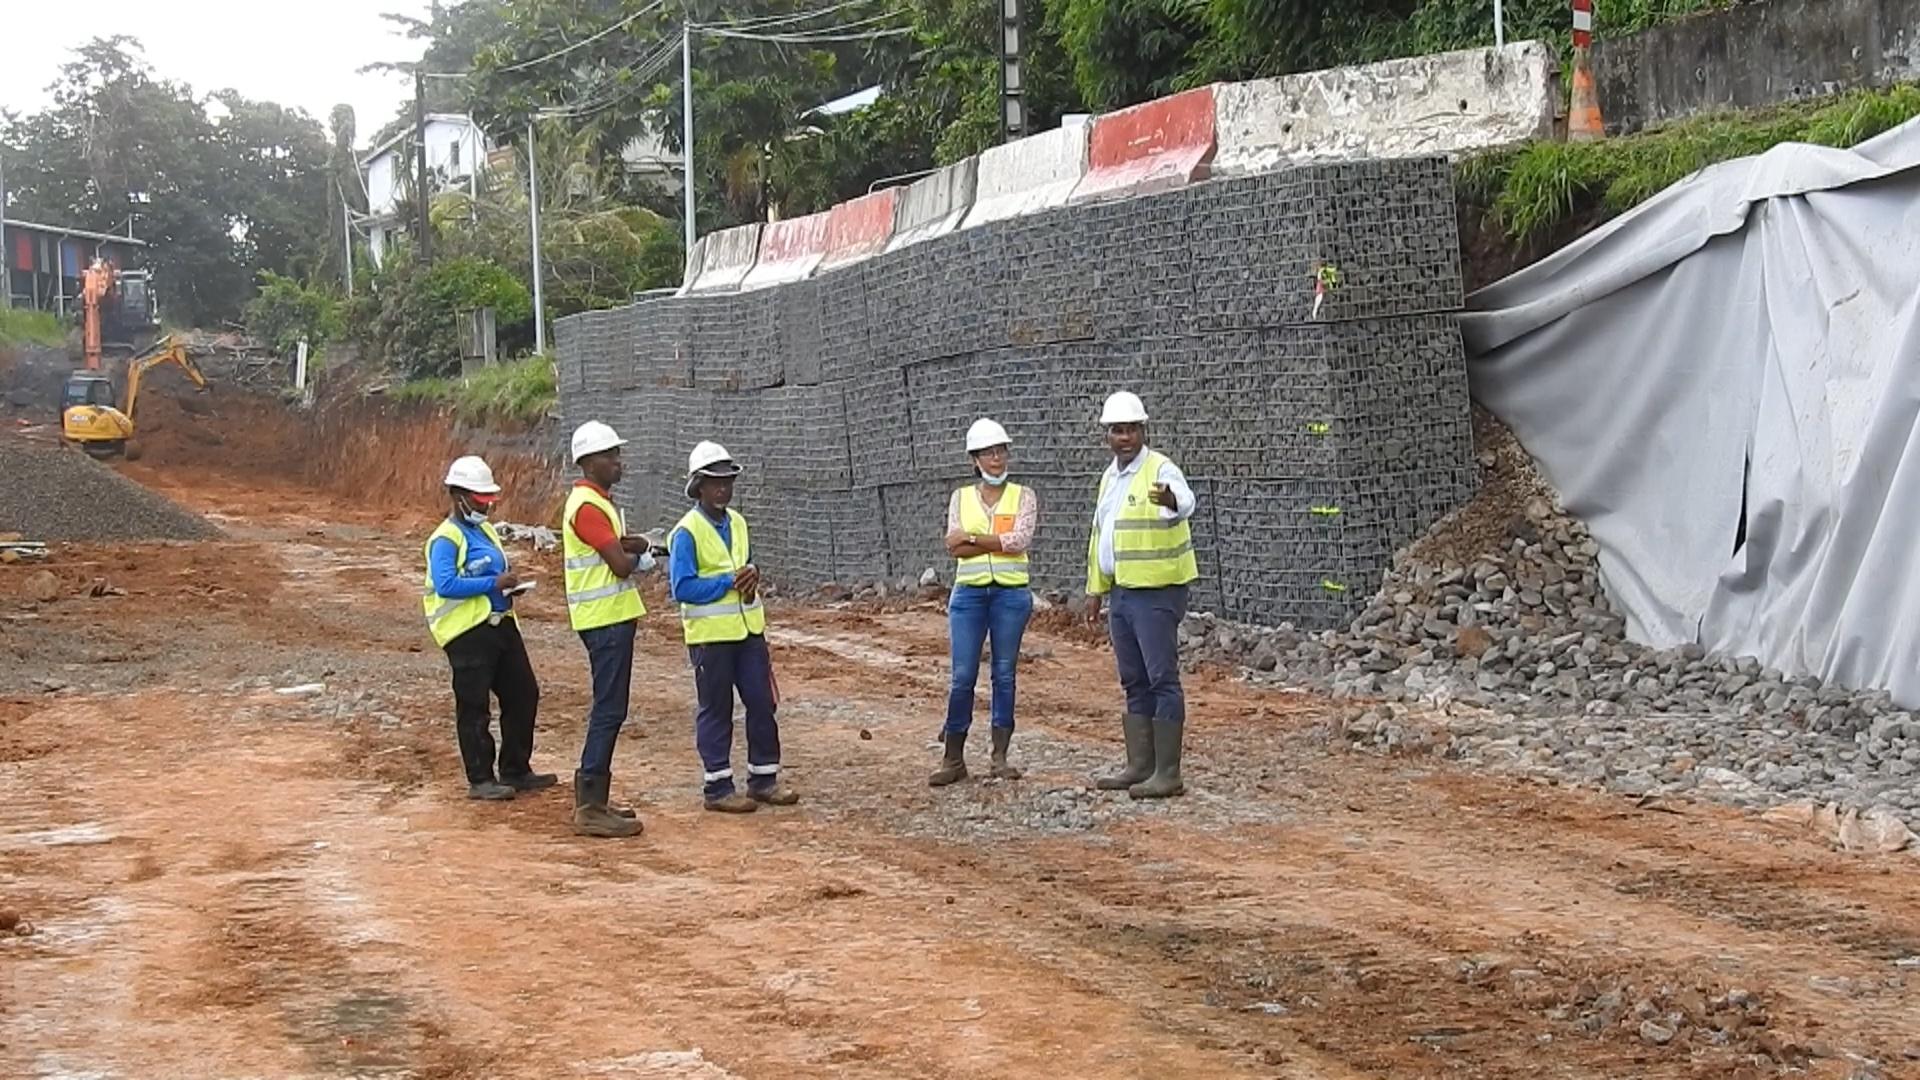 [Vidéo] Onews Martinique.Vaste chantier sur la RN1 Fonds saint Jacques après les intempéries